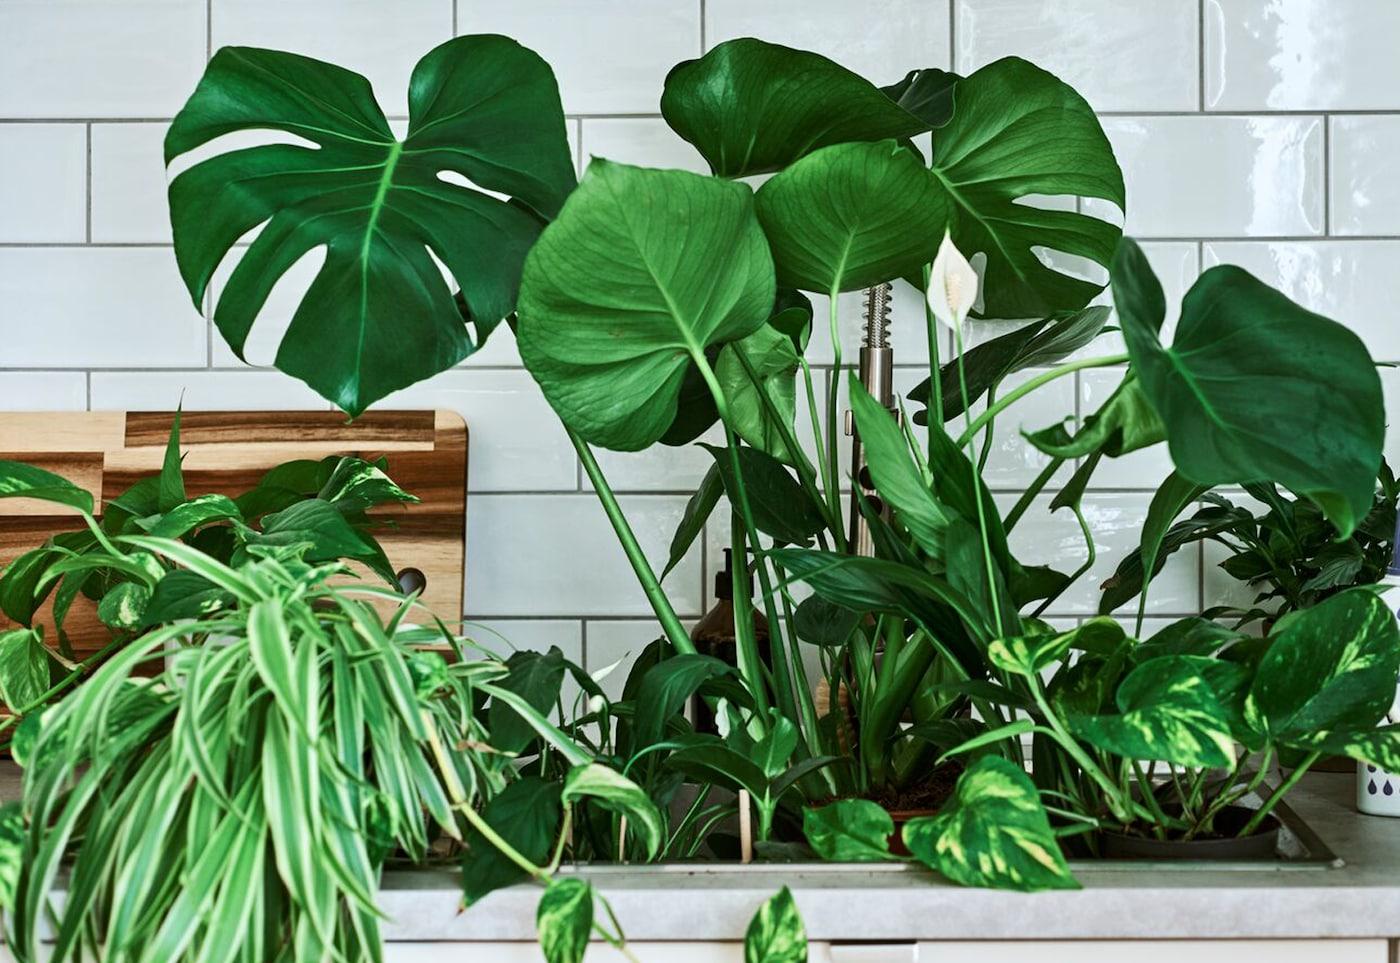 Plantas de interior, incluindo uma costela-de-adão (Monstera) e um lírio-da-paz, num lava-loiça com um regador com a pega em dourado e uma embalagem de fertilizante em cima da bancada.